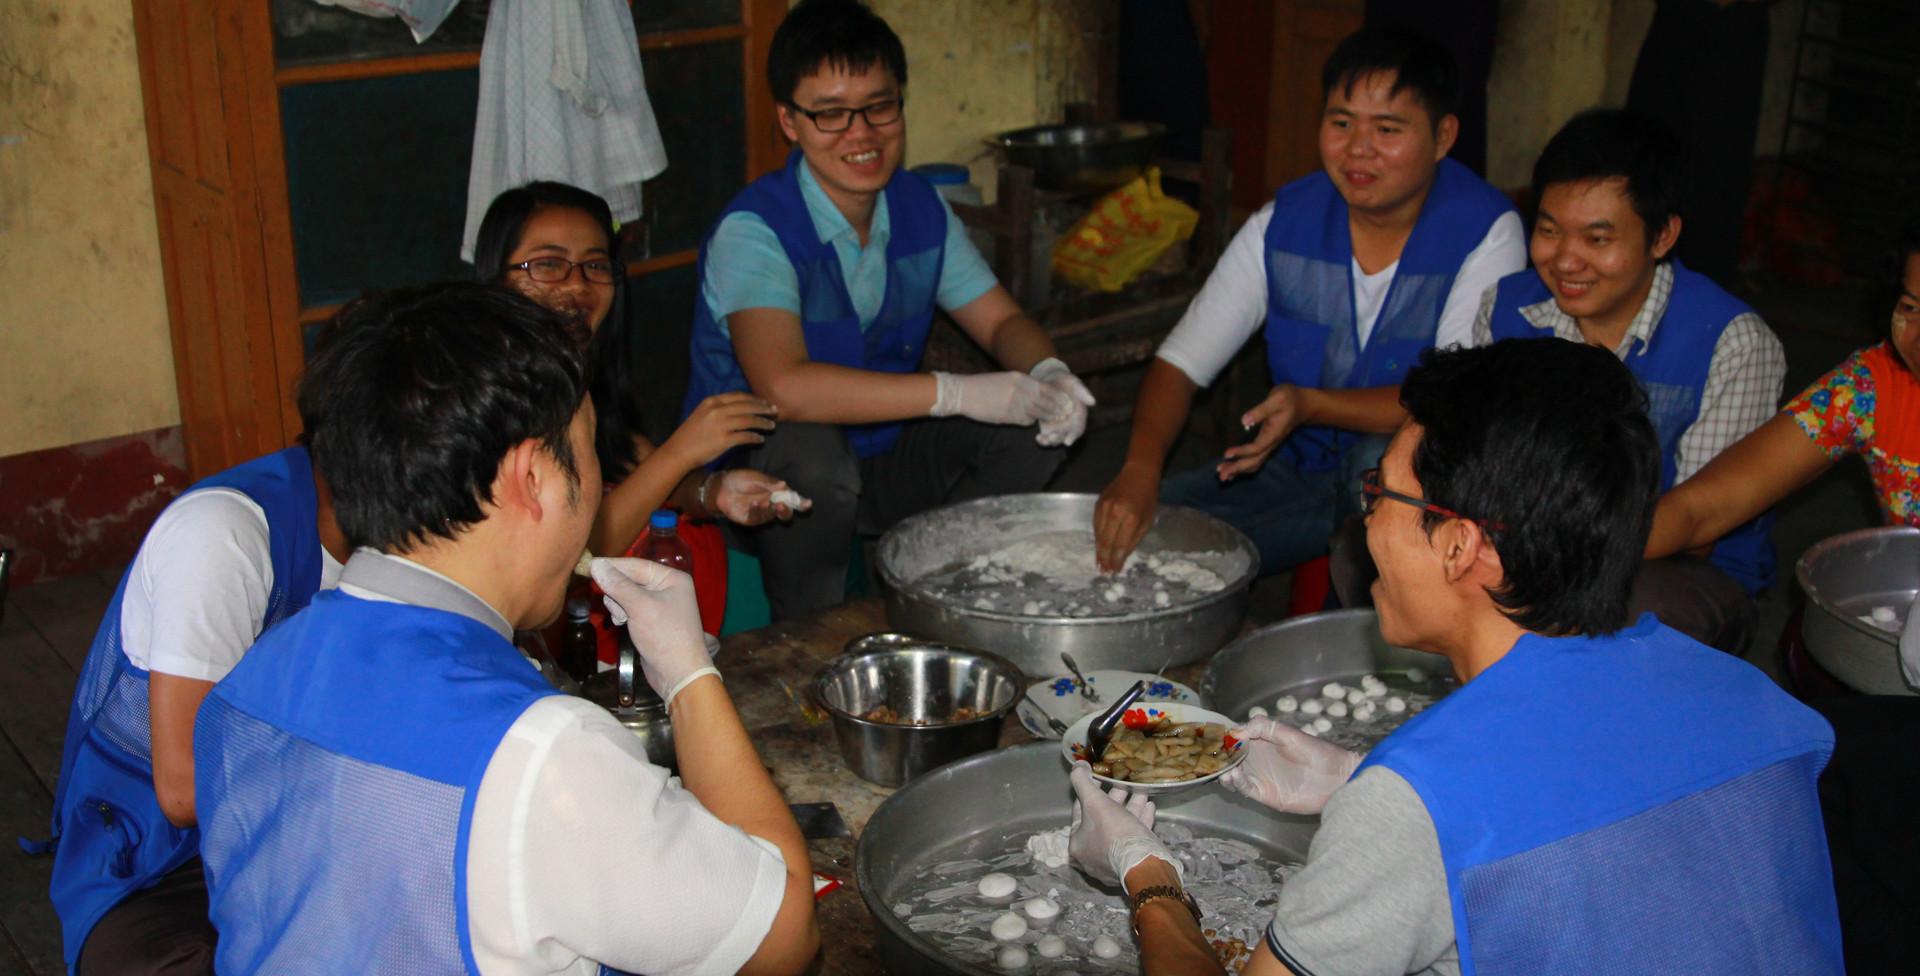 미얀마 삼동유스클럽 2017 (3).JPG